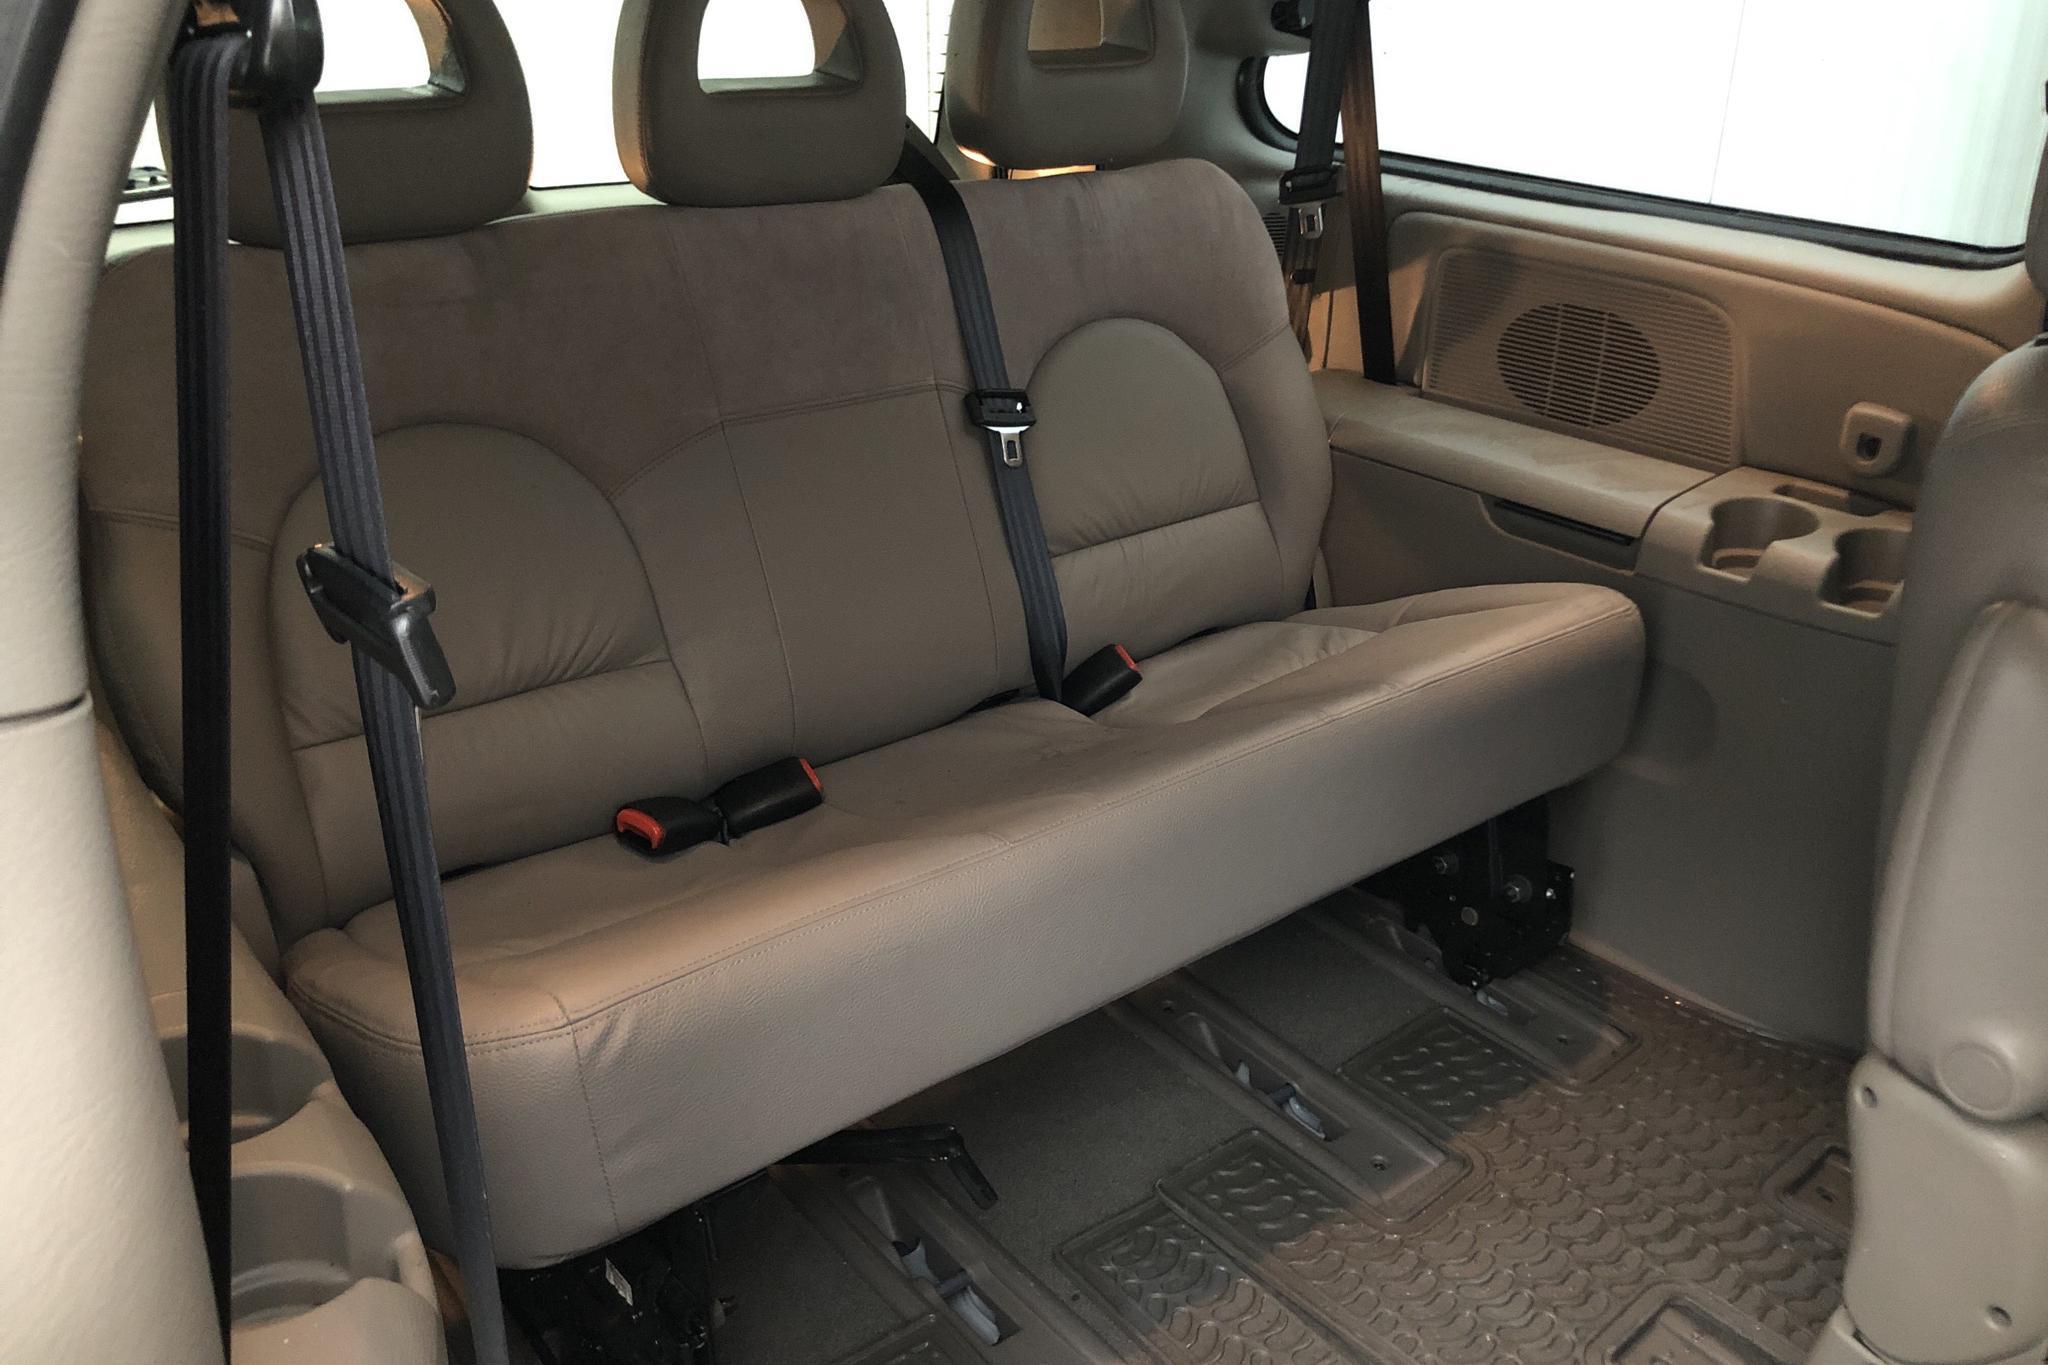 Chrysler Grand Voyager 3.3 AWD (174hk) - 6 100 mil - Automat - blå - 2003